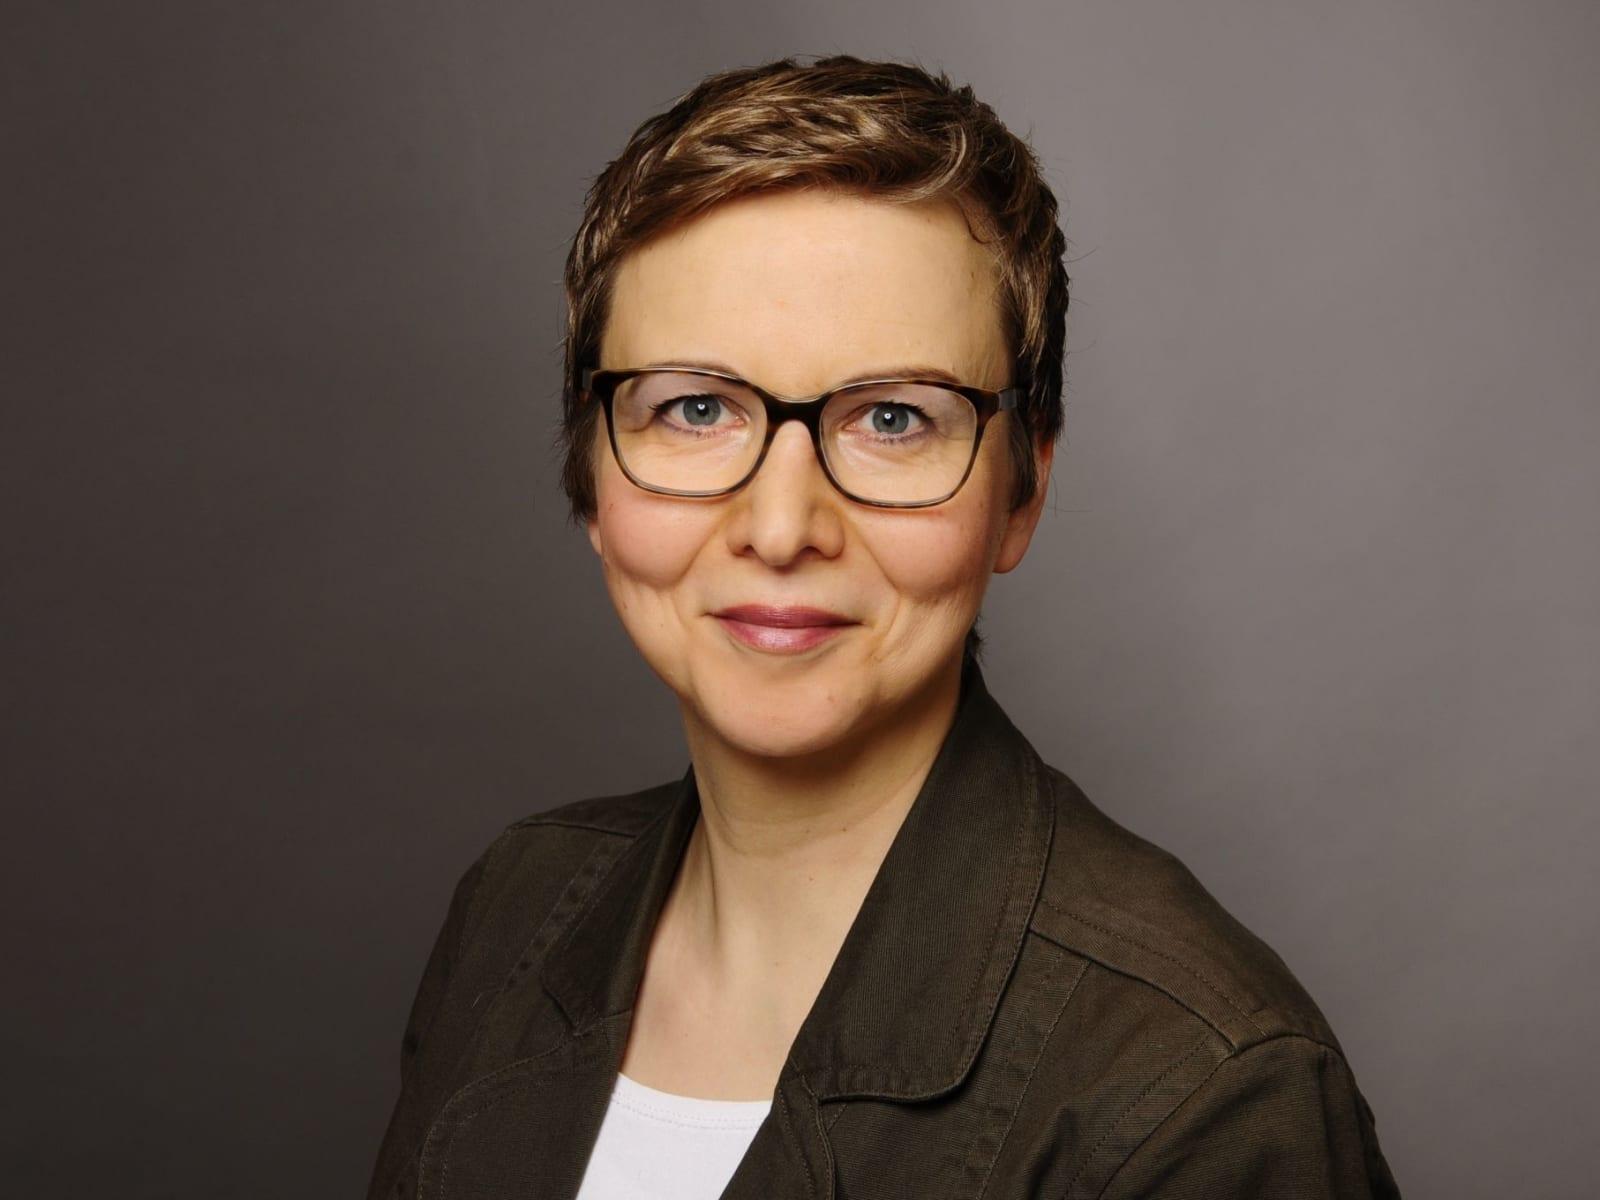 Bettina from Hamburg, Germany